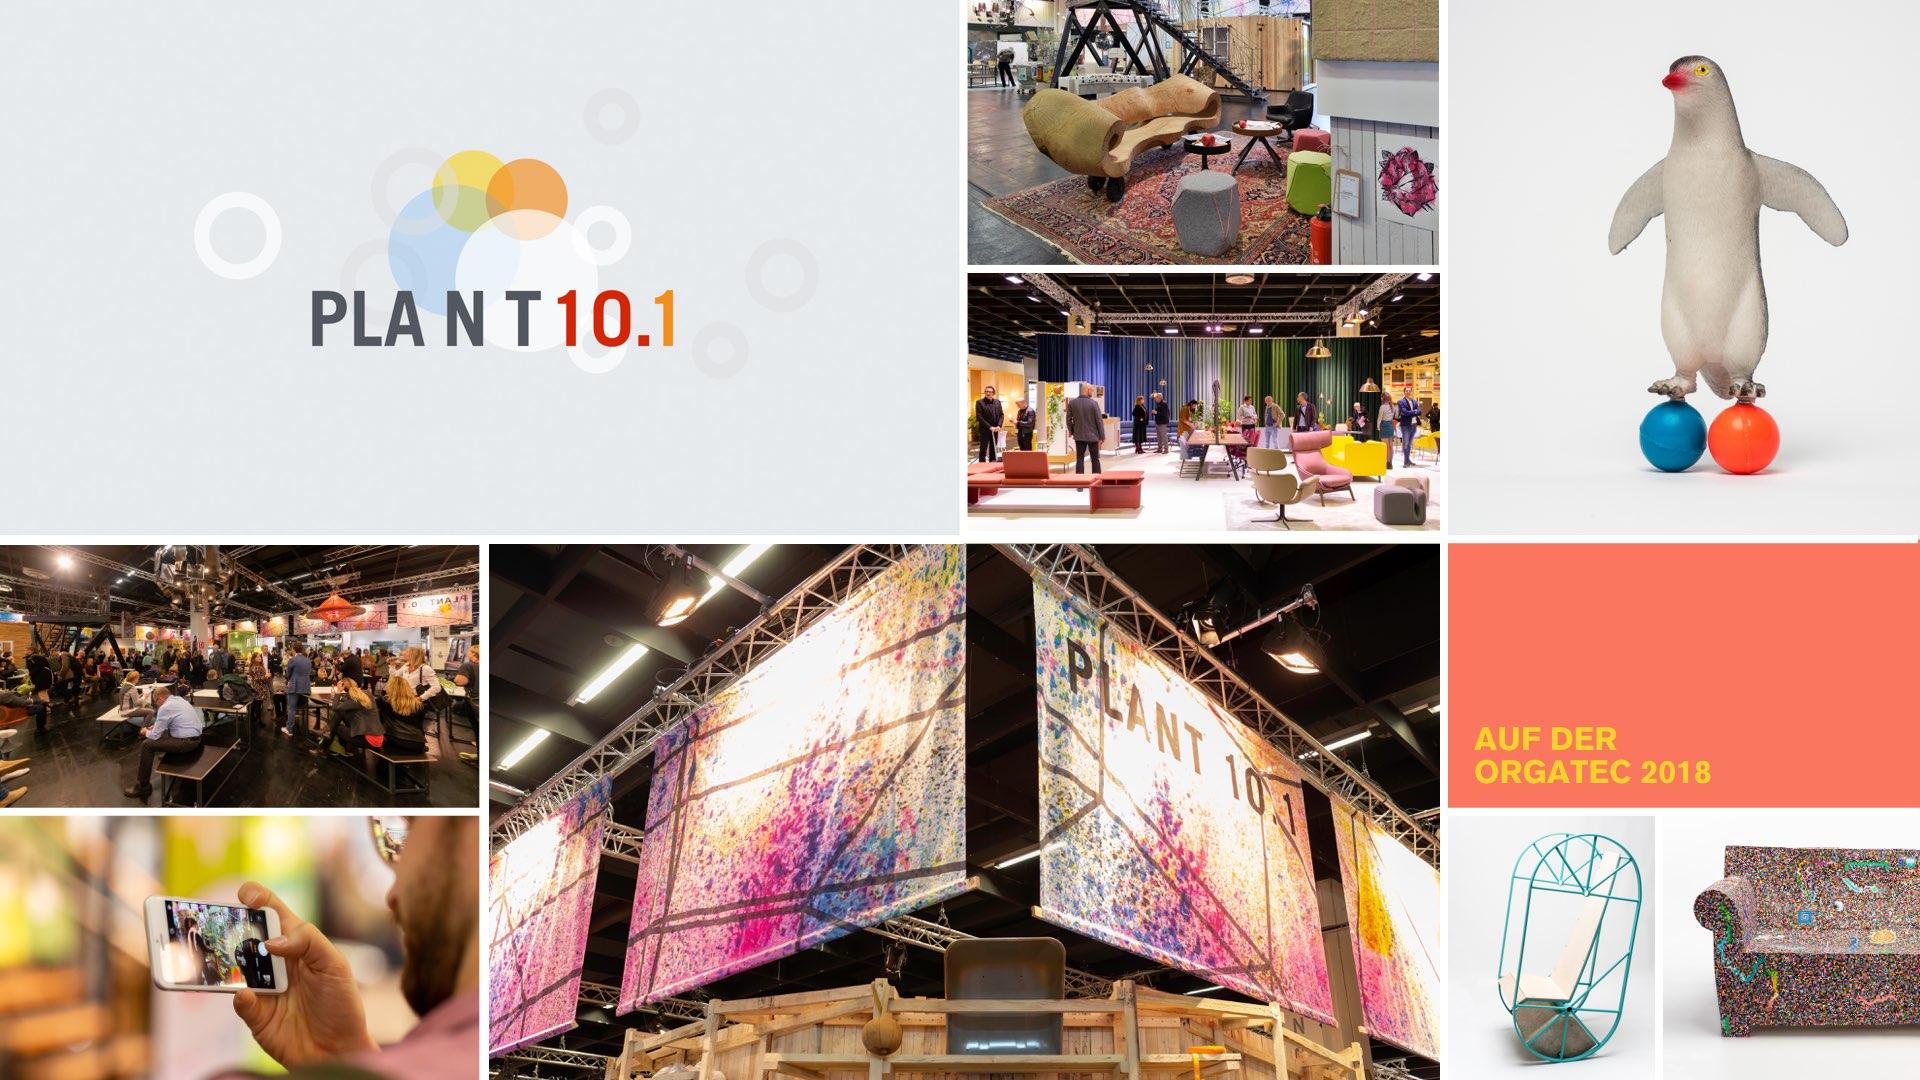 Von internationalen Künstlern gestaltete Inspirationsfläche Plant 10.1. Der etwas andere Messestand von Orange Council auf der Orgatec 2018